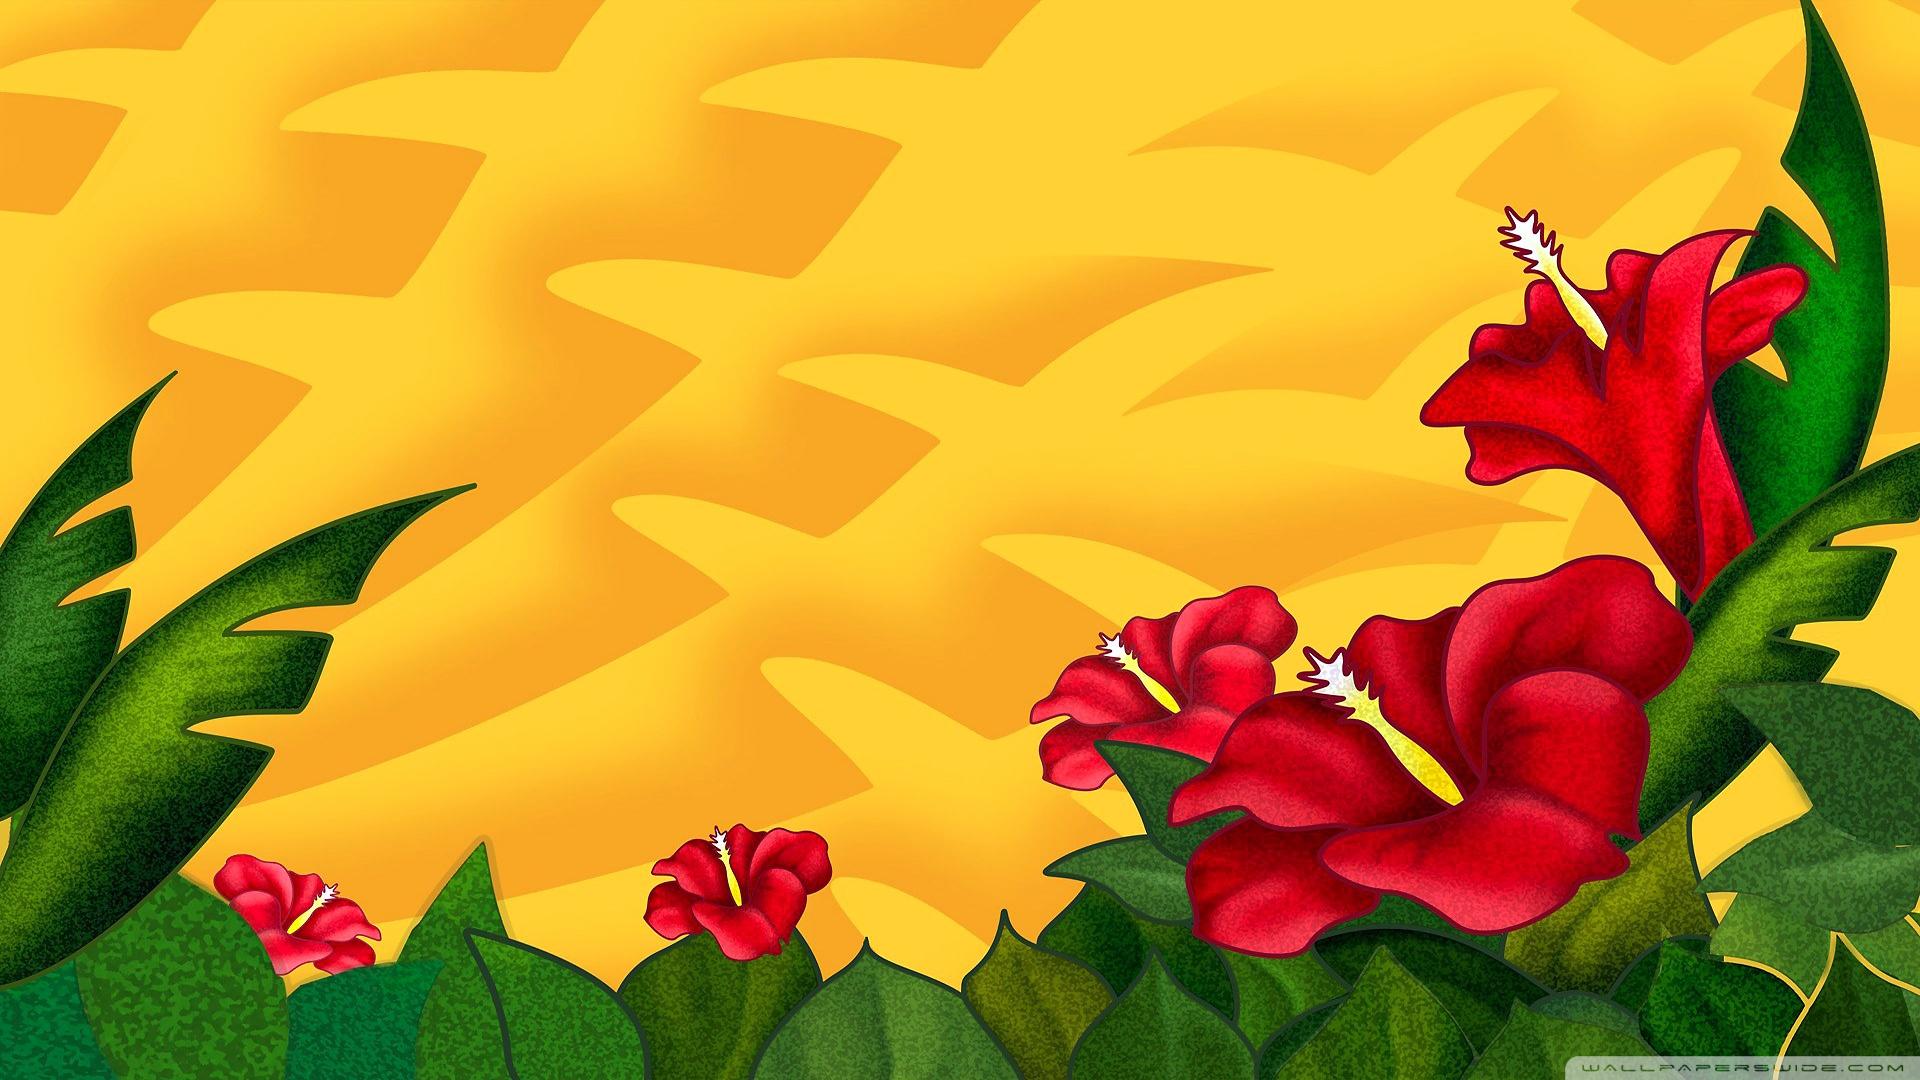 வால்பேப்பர்கள் ( flowers wallpapers ) 01 - Page 6 Hibiscus_flowers-wallpaper-1920x1080